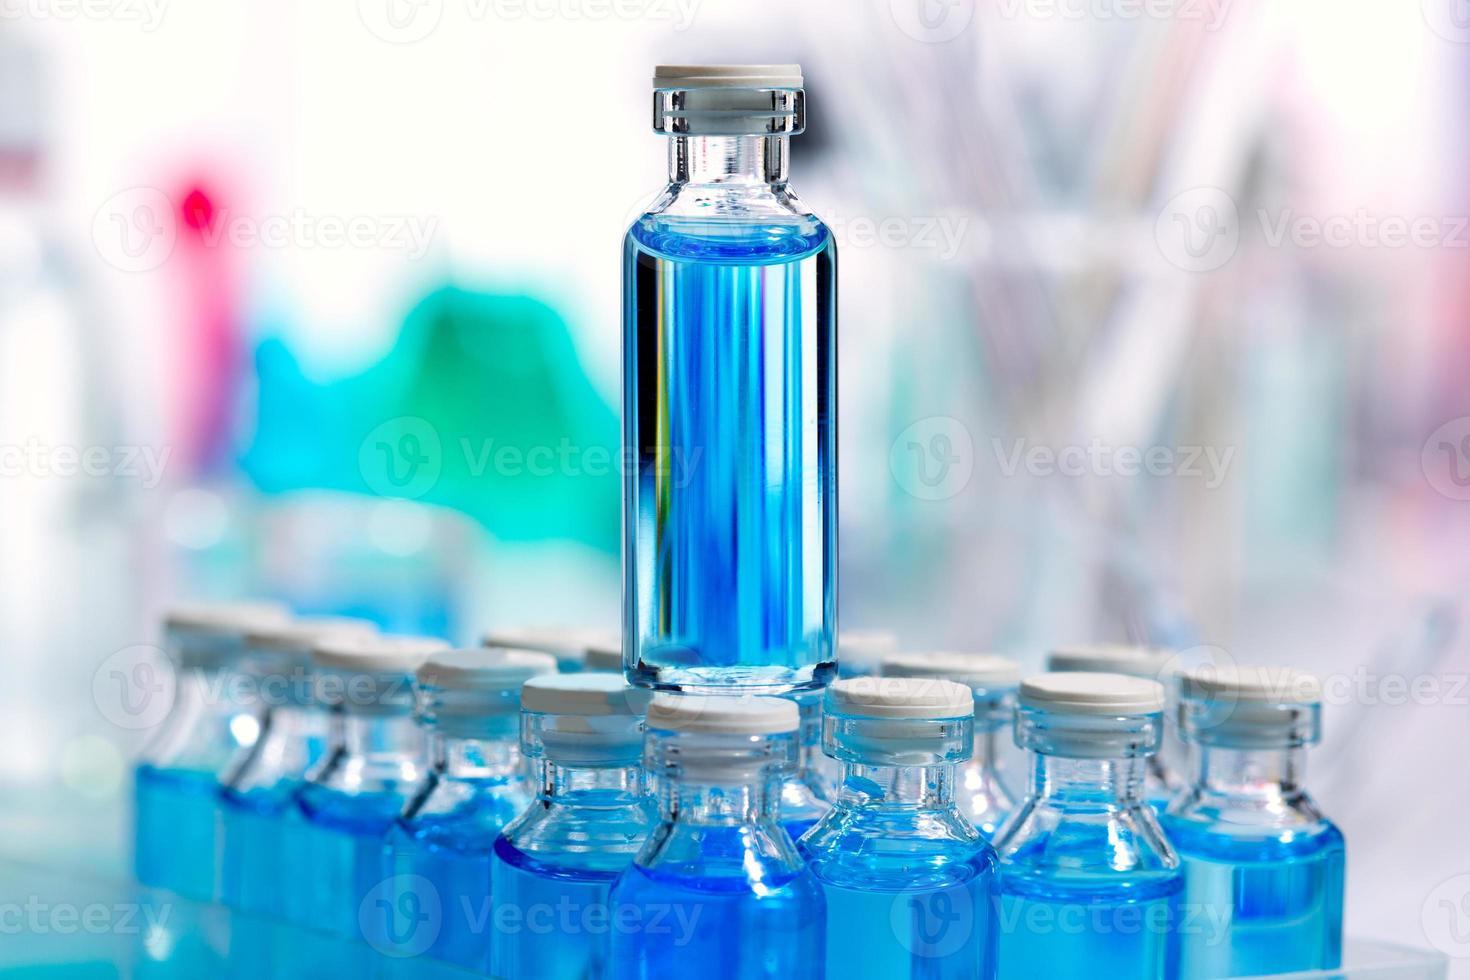 laboratorio científico químico botellas de vidrio azul foto